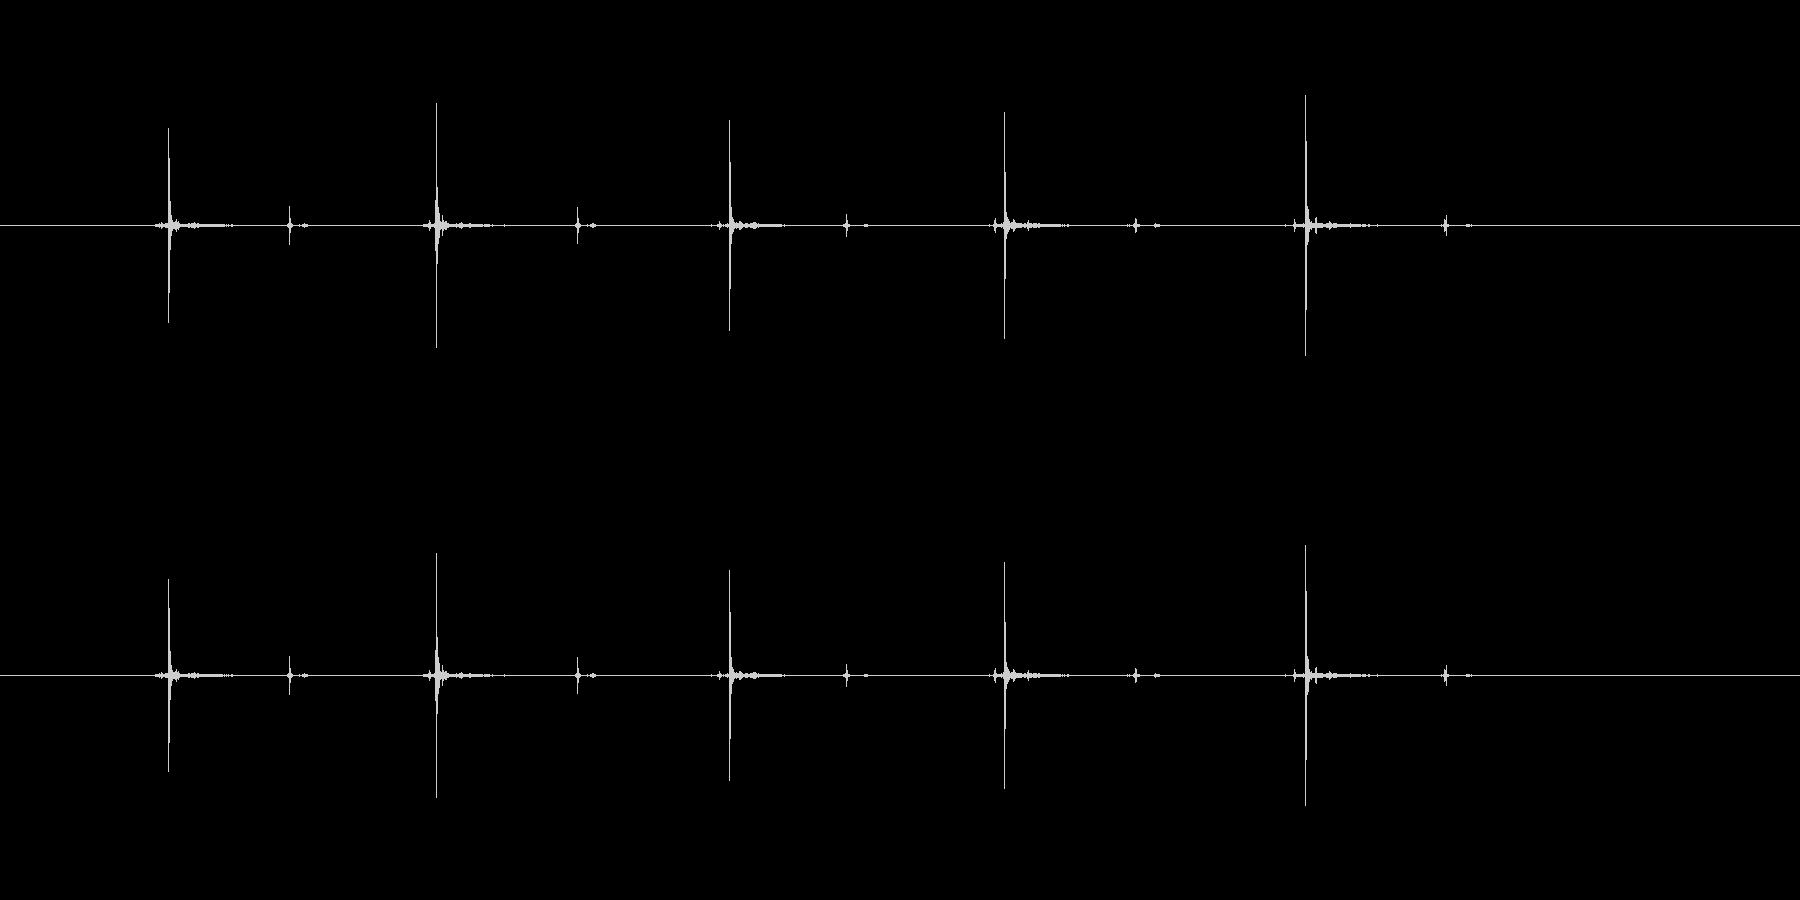 【シャープペン01-13(ノック)】の未再生の波形